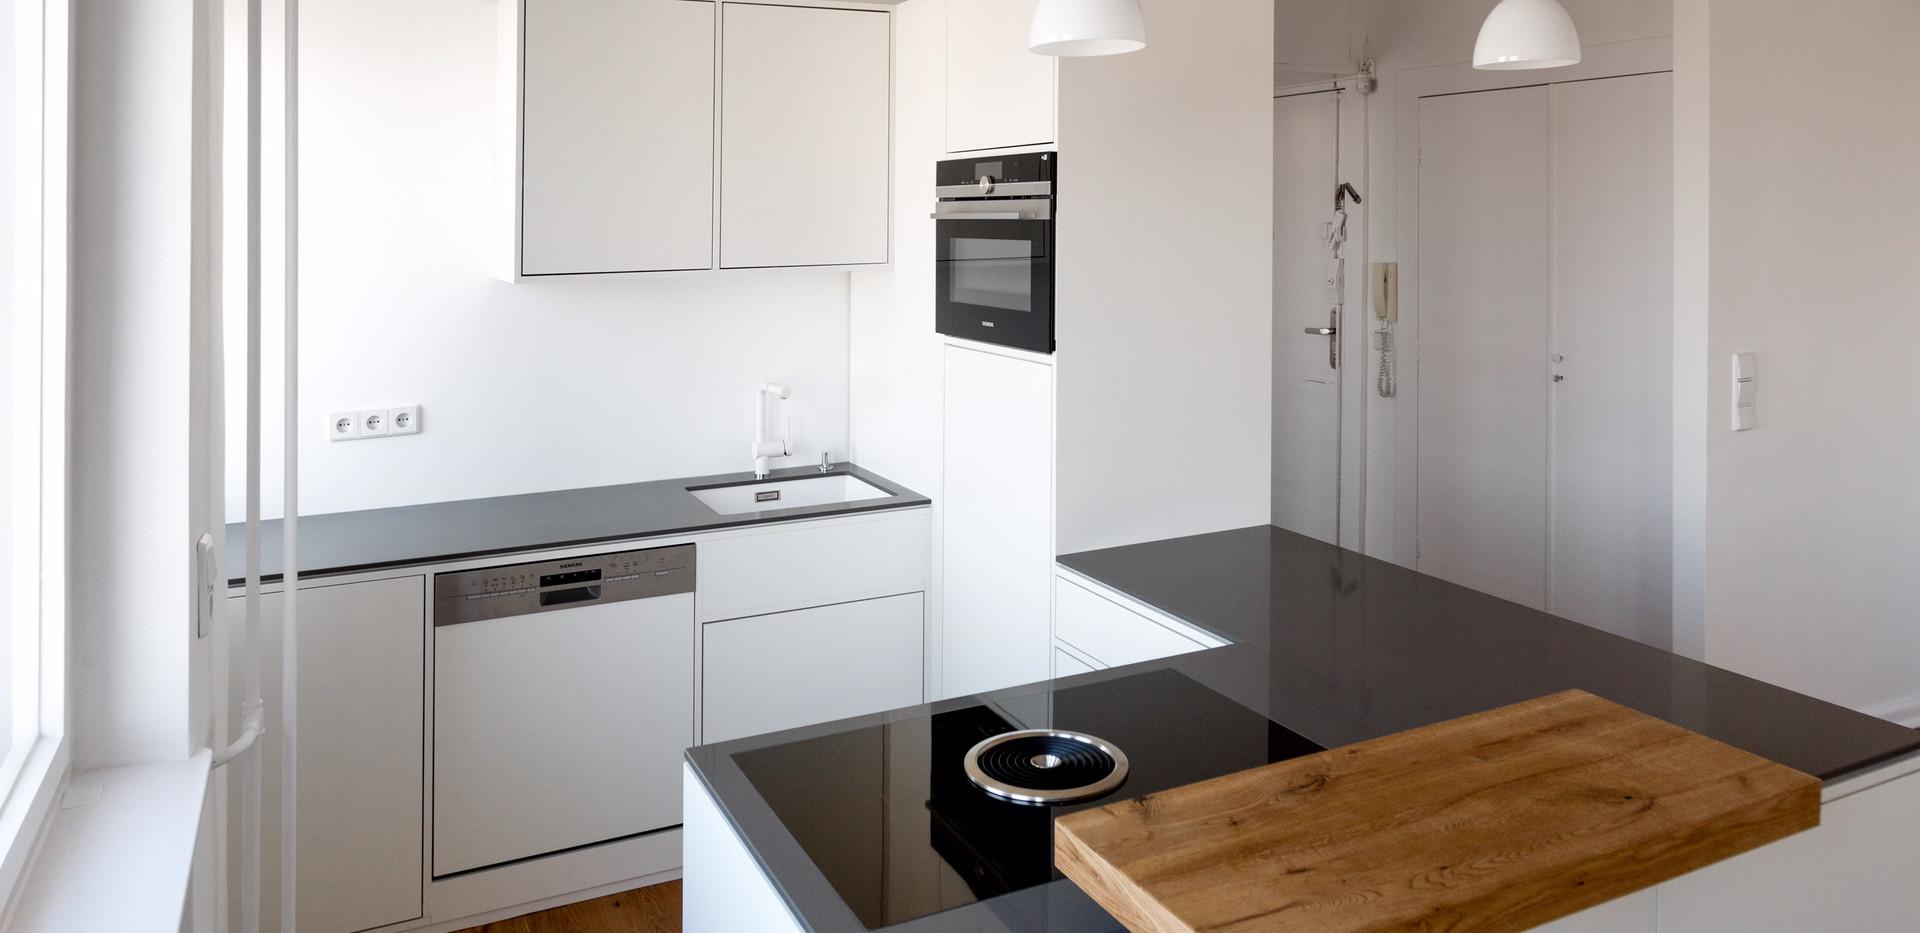 Küche Schaubühne 05.jpg